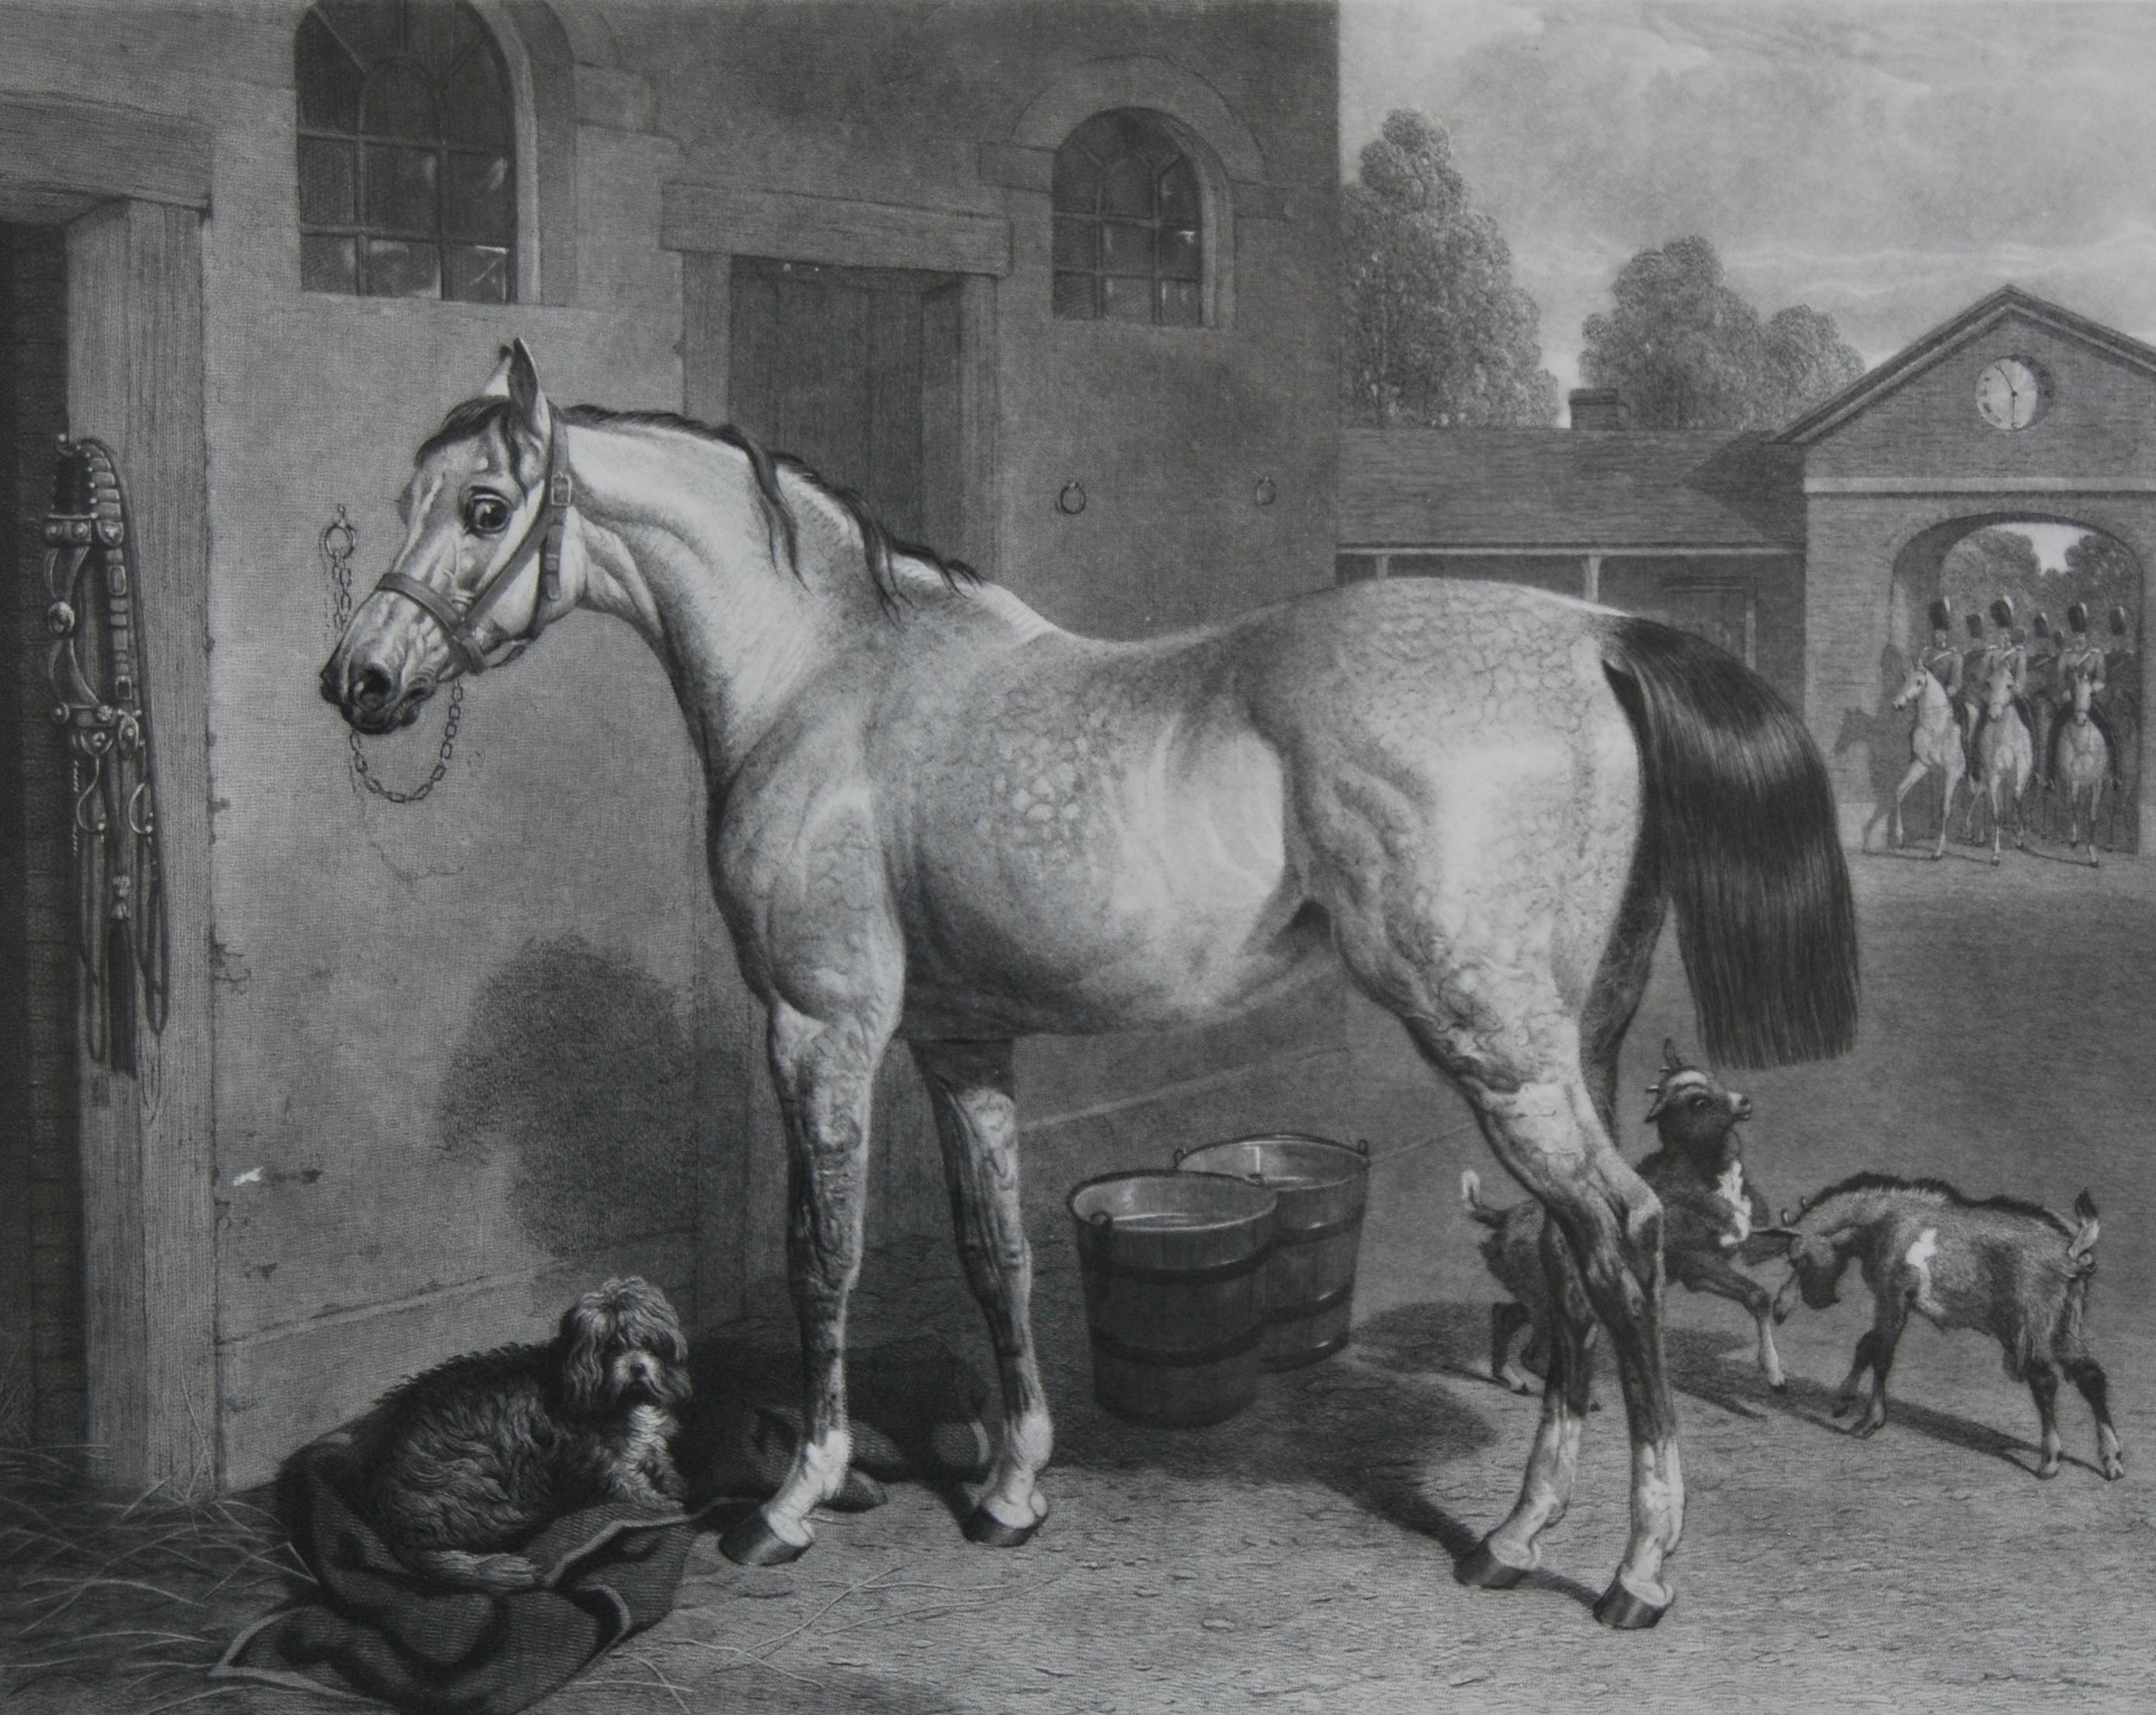 John Frederick Herring Jnr. RA